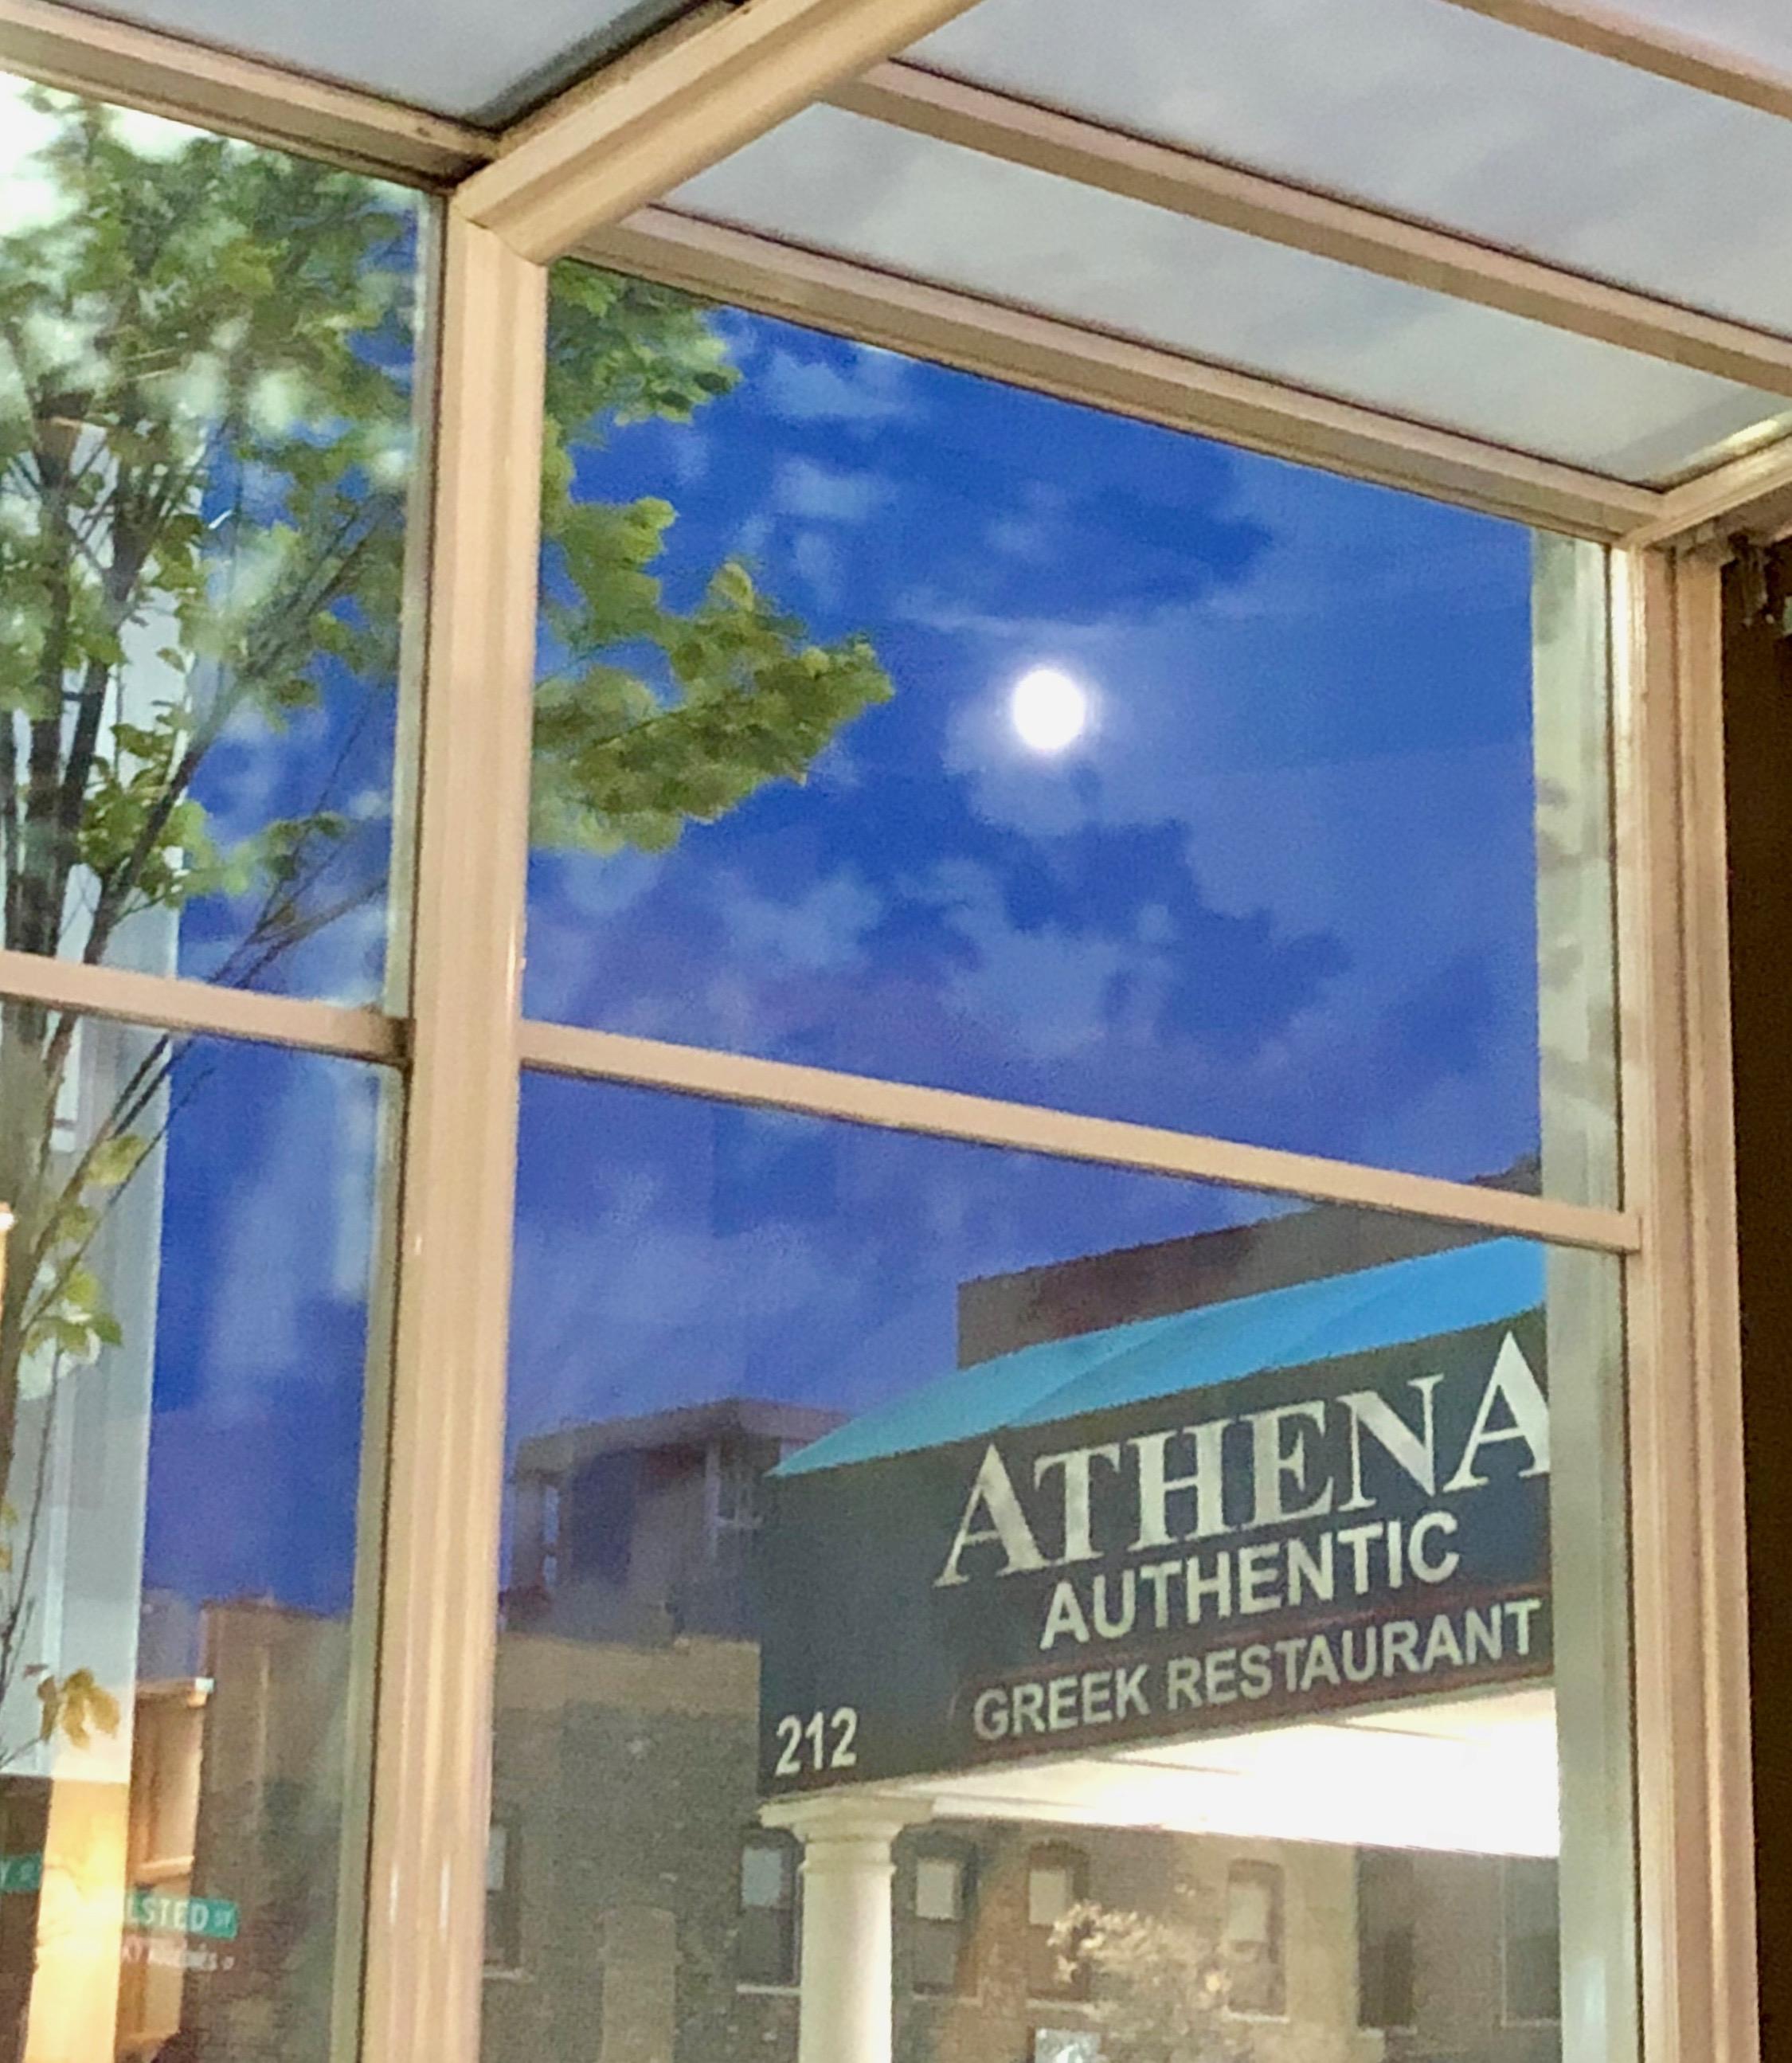 Entrance, Athena Restaurant, Greektown, Chicago, Illinois